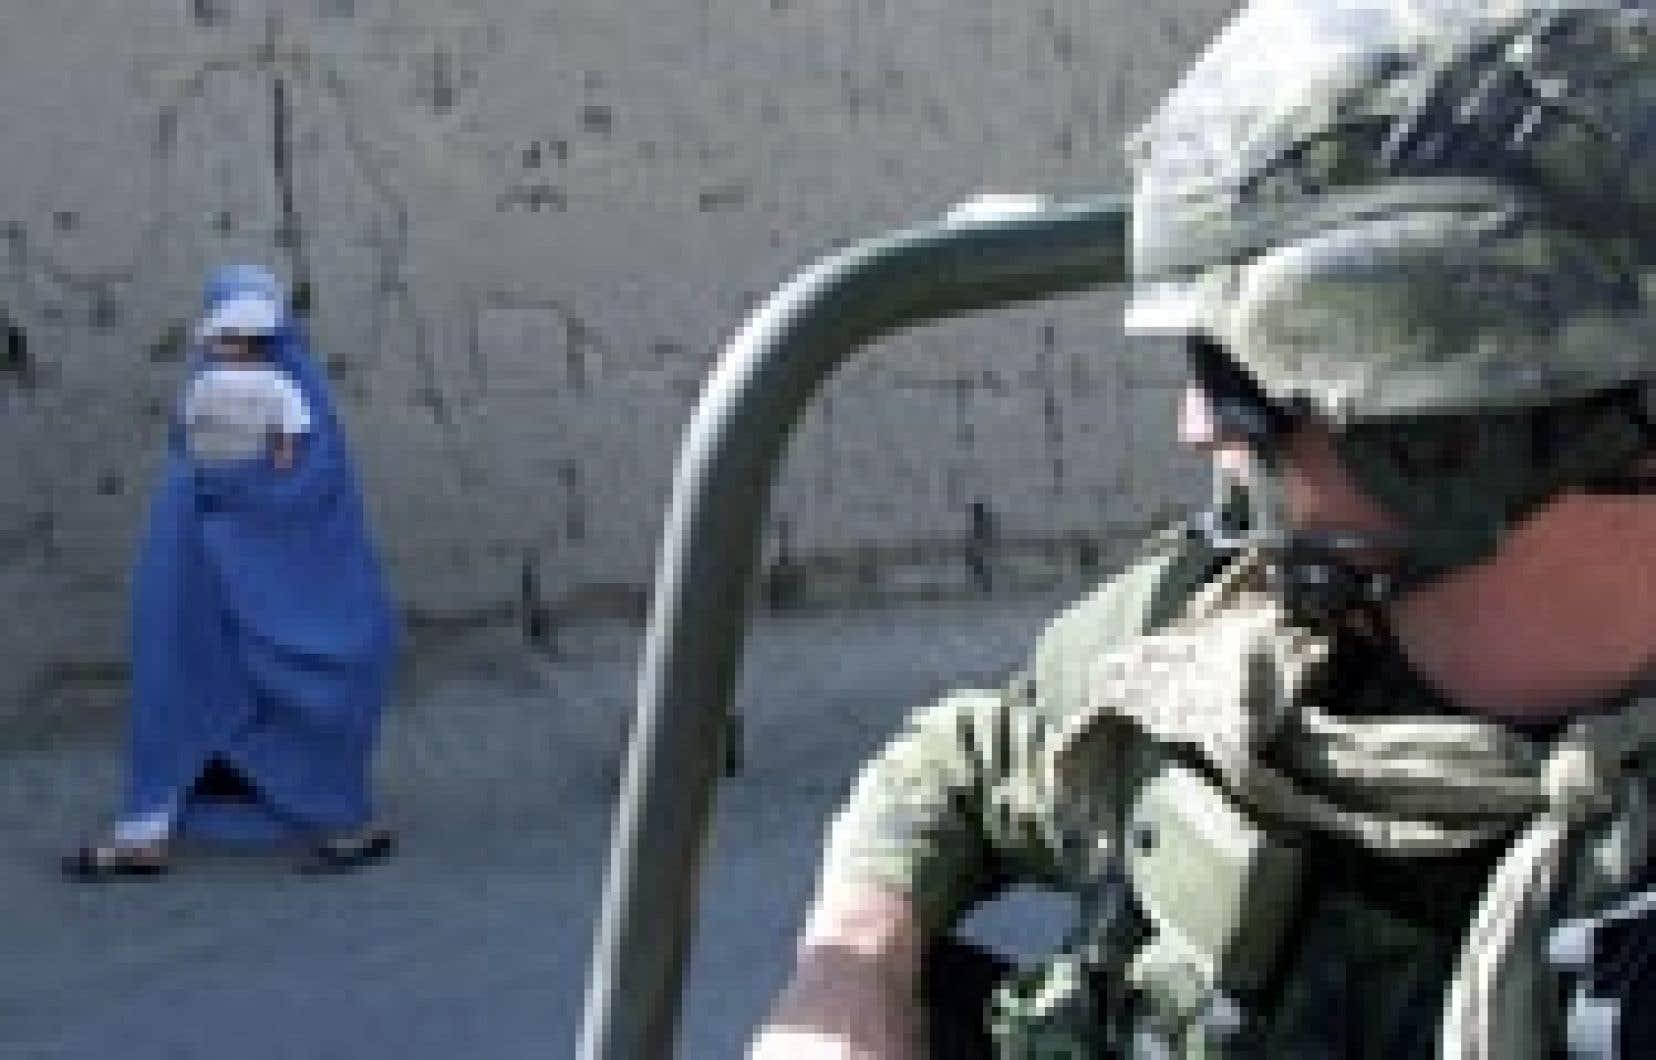 Au cours  de leur mission de six mois en Afghanistan, les militaires canadiens du Royal 22e Régiment auront effectué plus de 3800 patrouilles